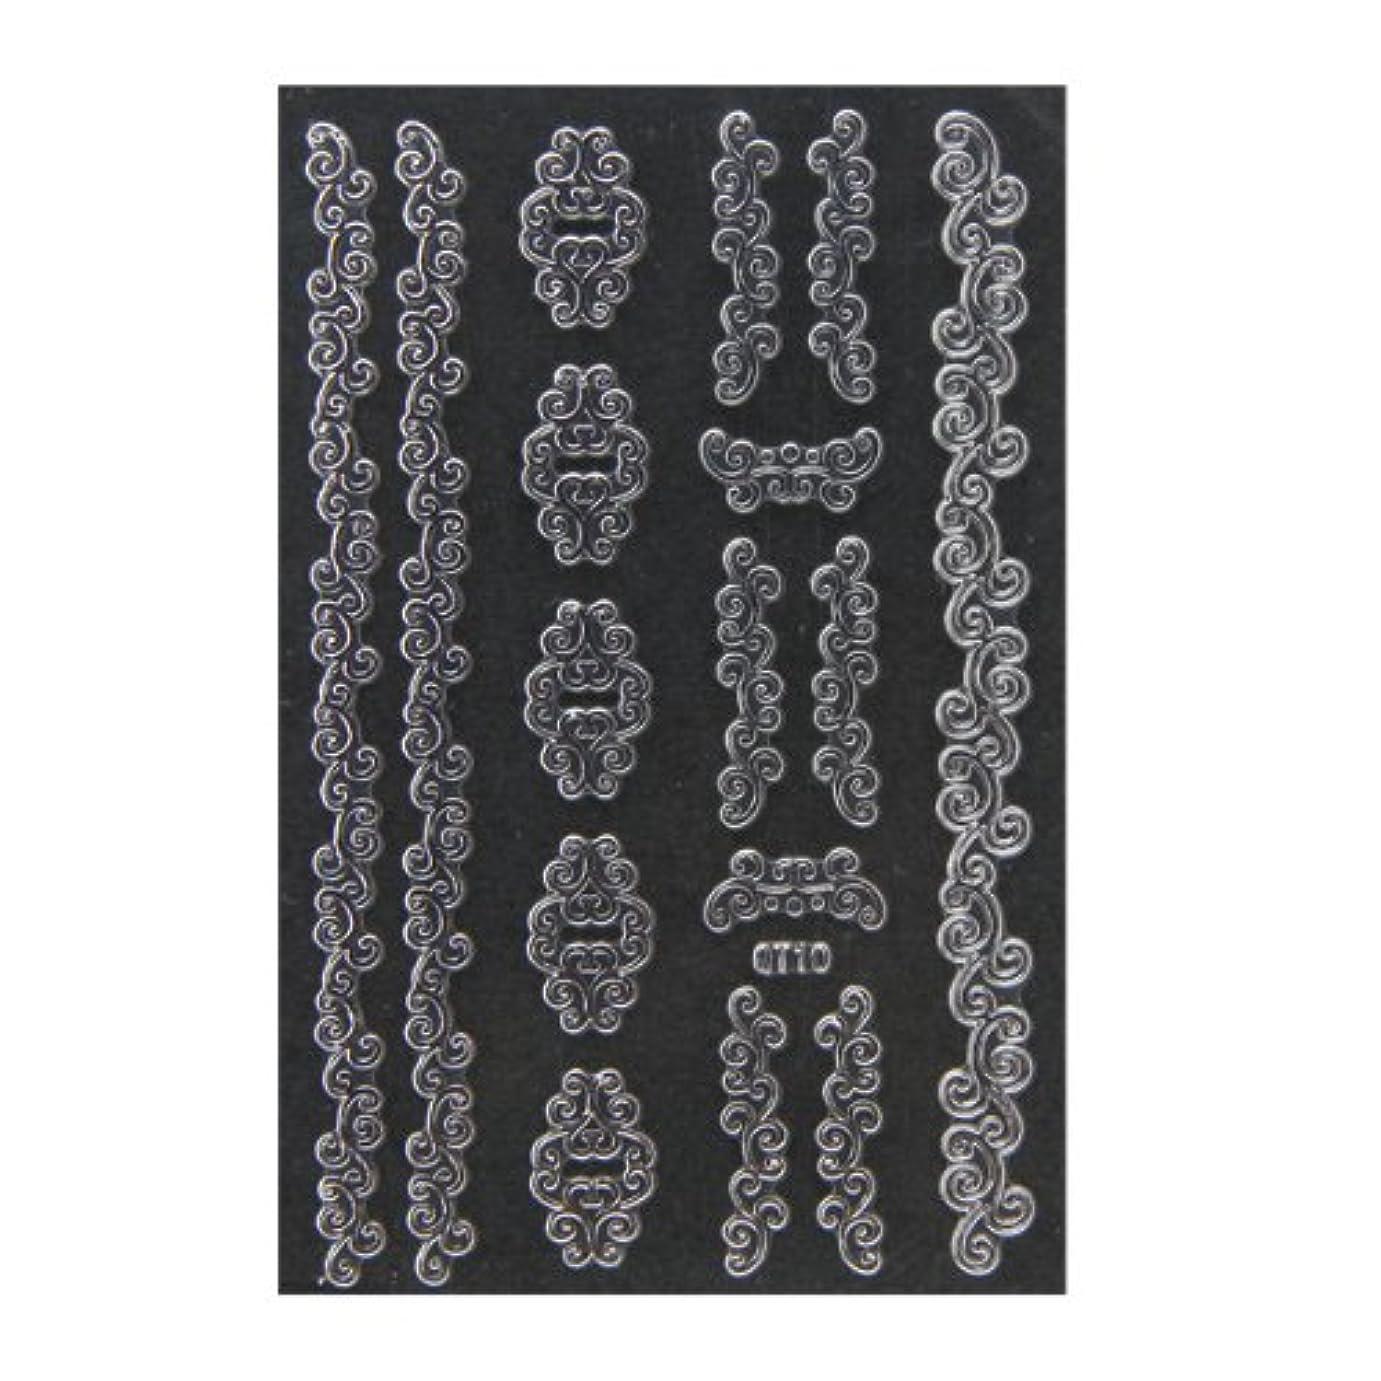 取り組む背骨予見するネイルシール 3D ネイルシート ファッションネイル メタリックシール36 (ネイル用品)